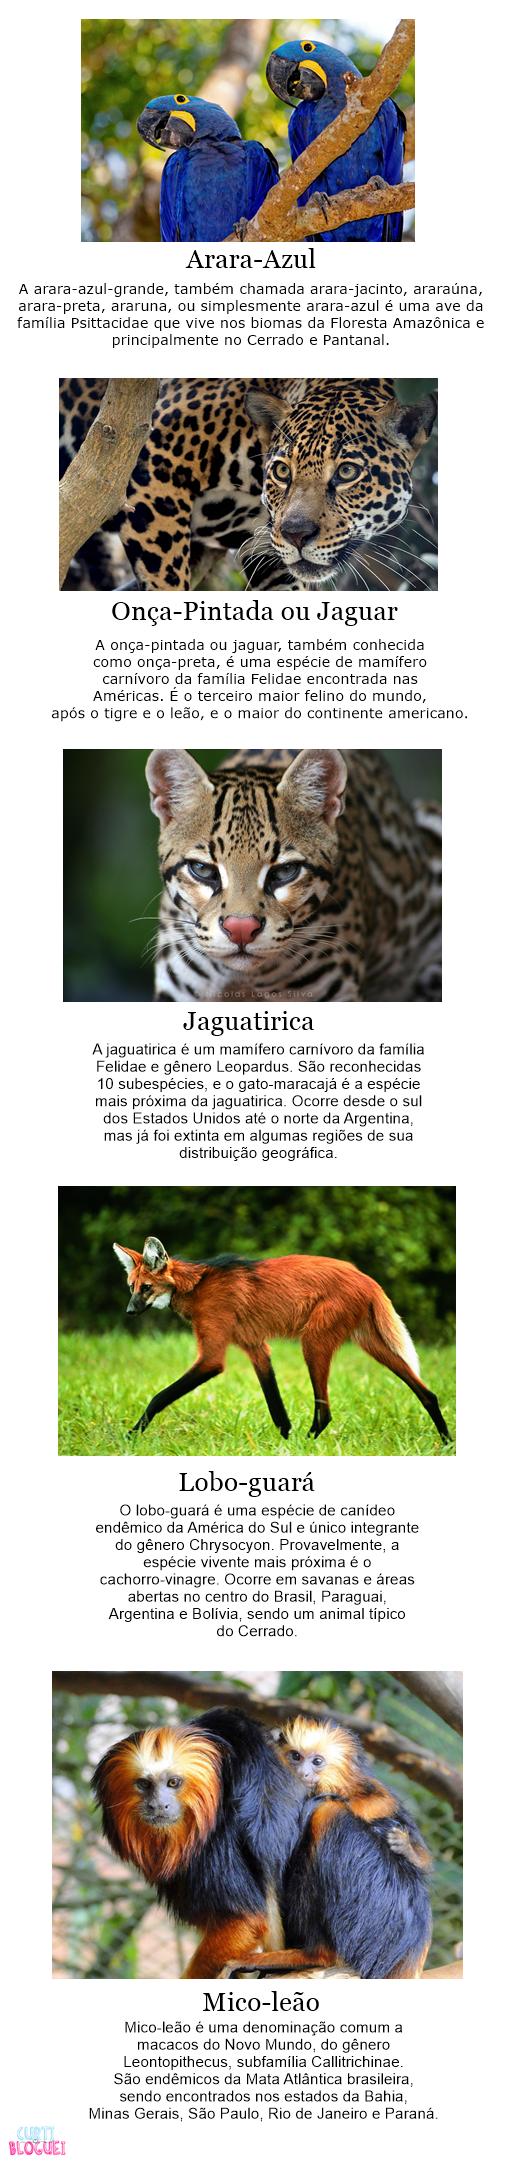 5-especies-de-animais-que-so-encontramos-na-America-do-Sul